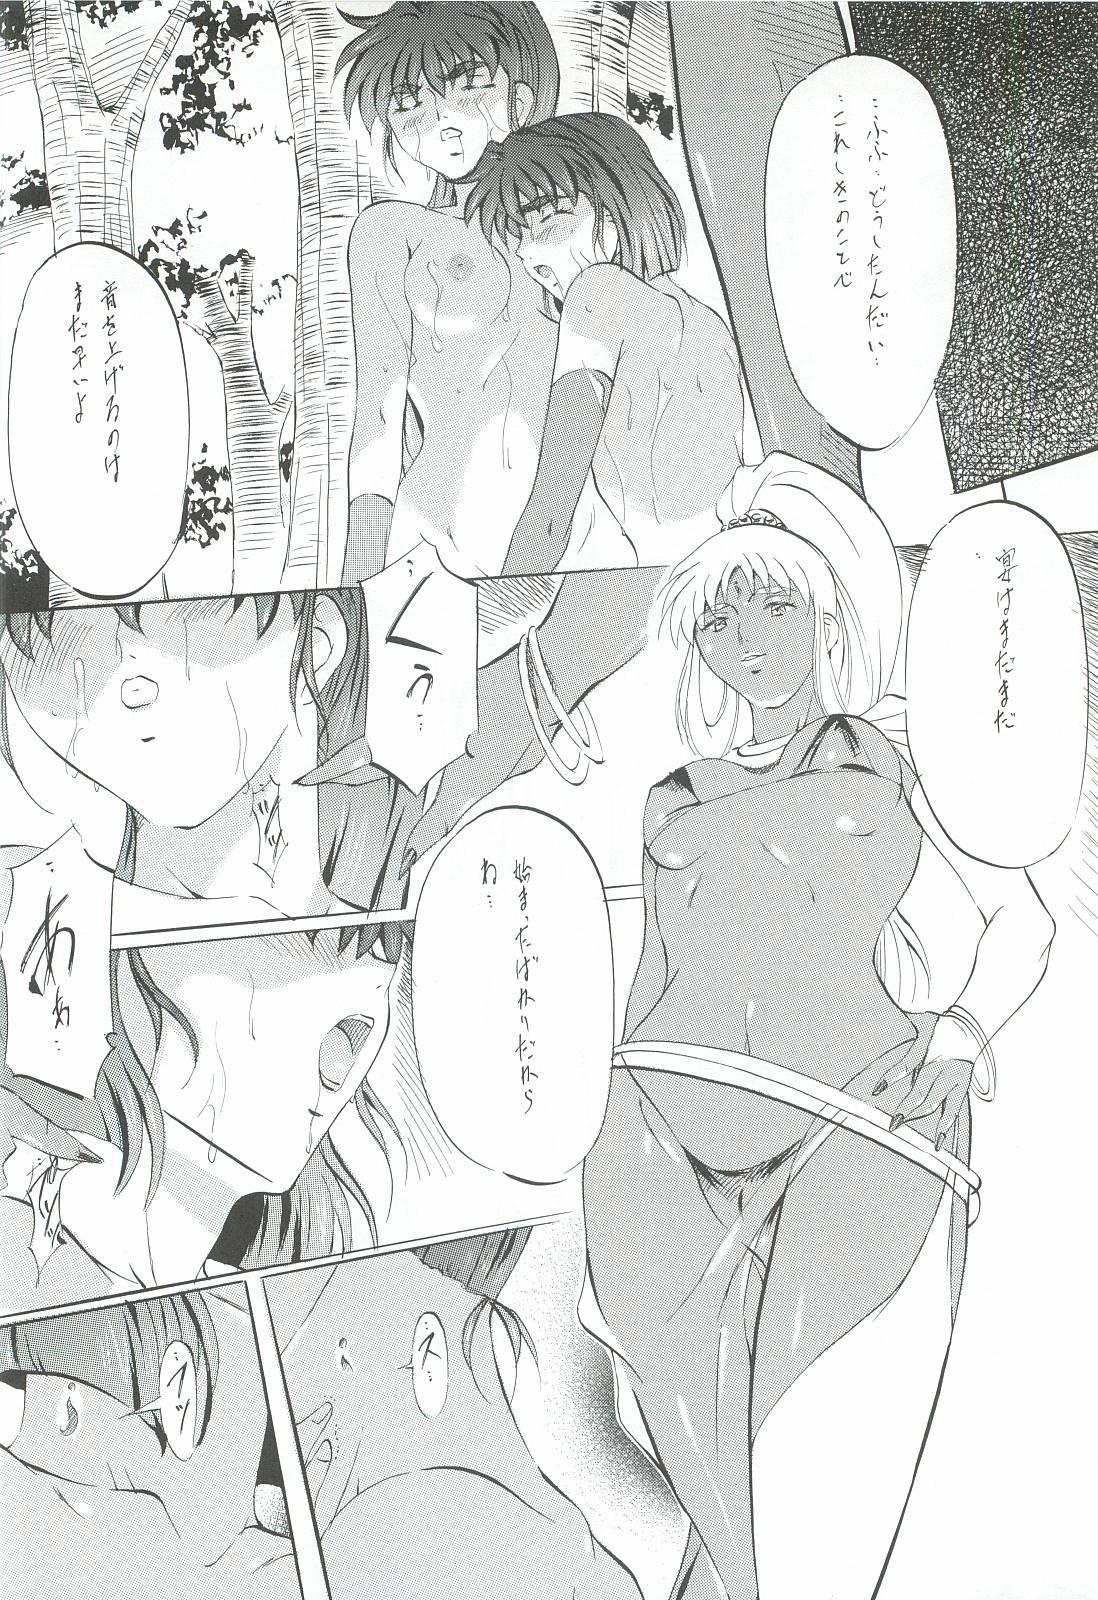 Ai & Mai Gaiden - Kishin Fukkatsu no Shou 126